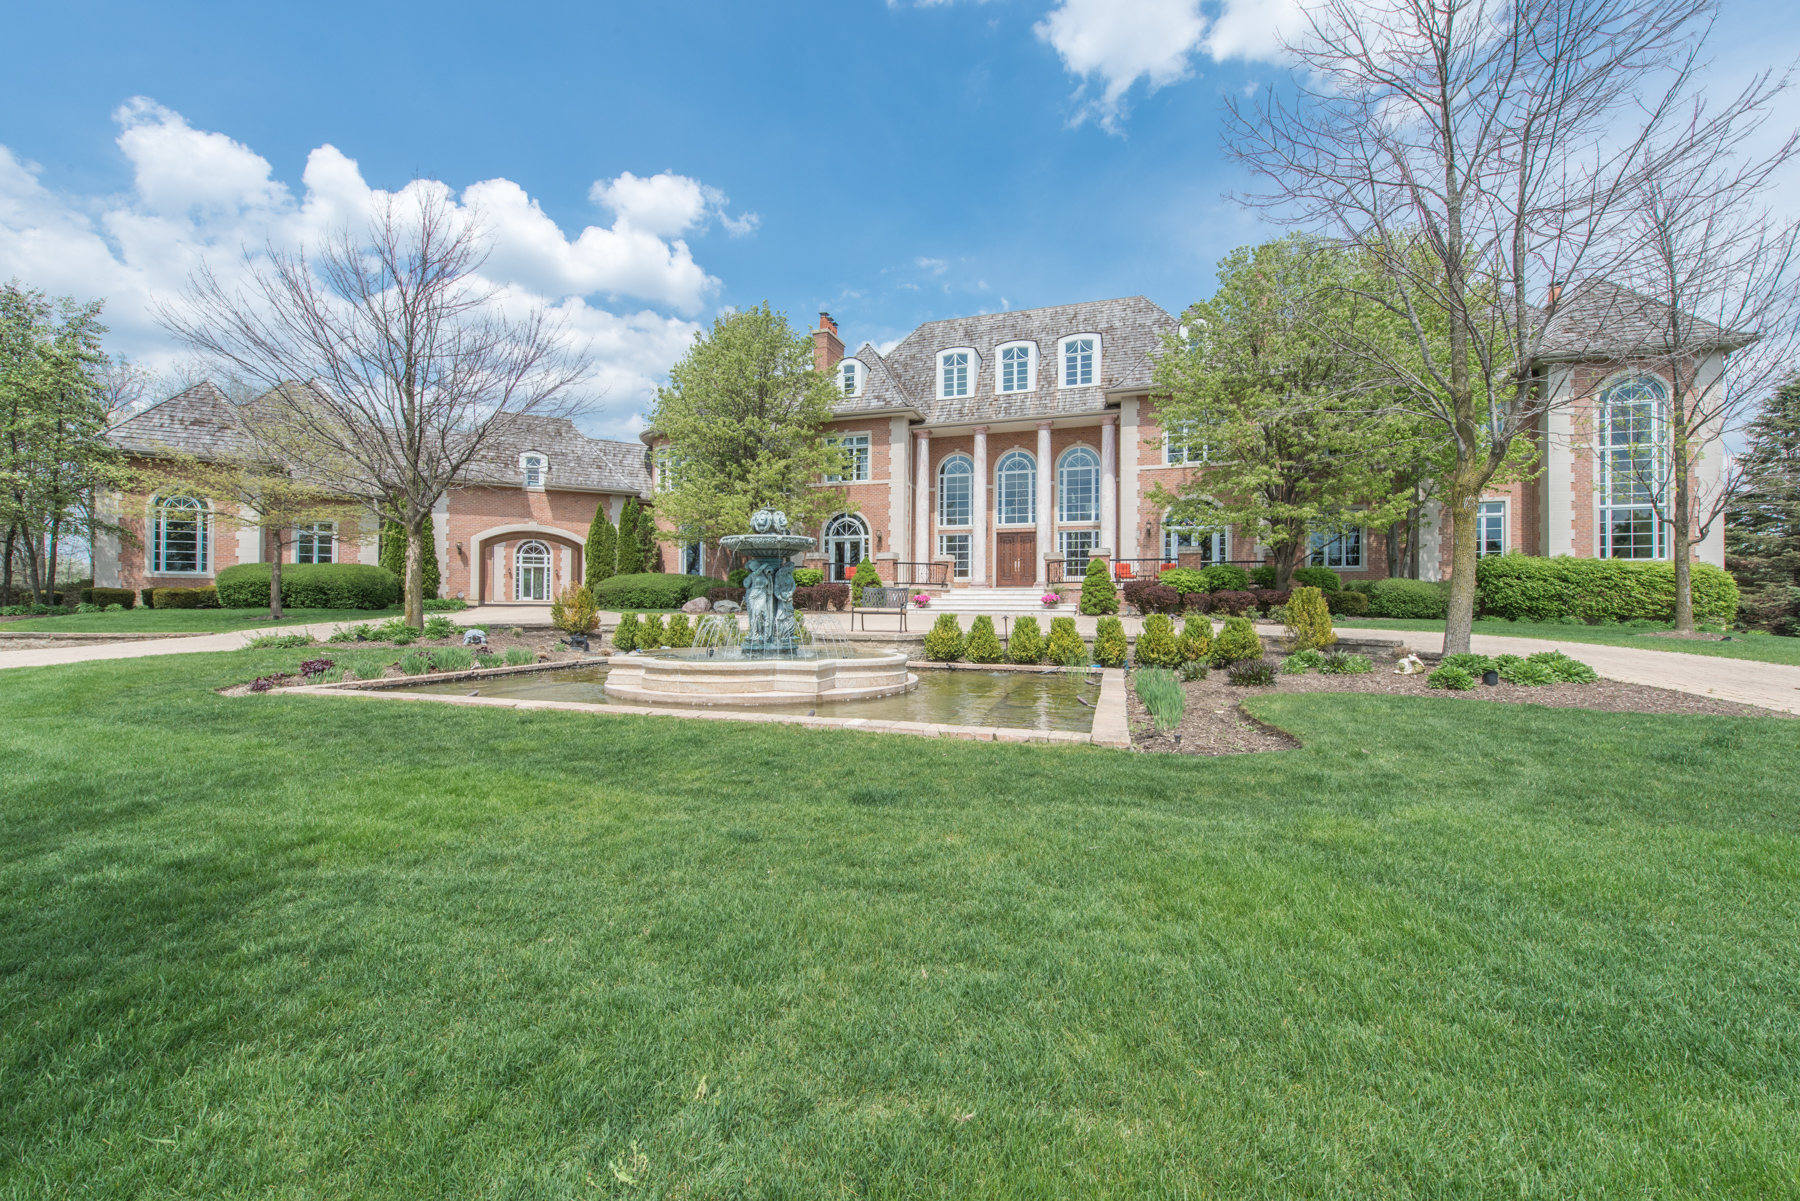 Villa per Vendita alle ore 10 Star Lane South Barrington, Illinois 60010 Stati Uniti